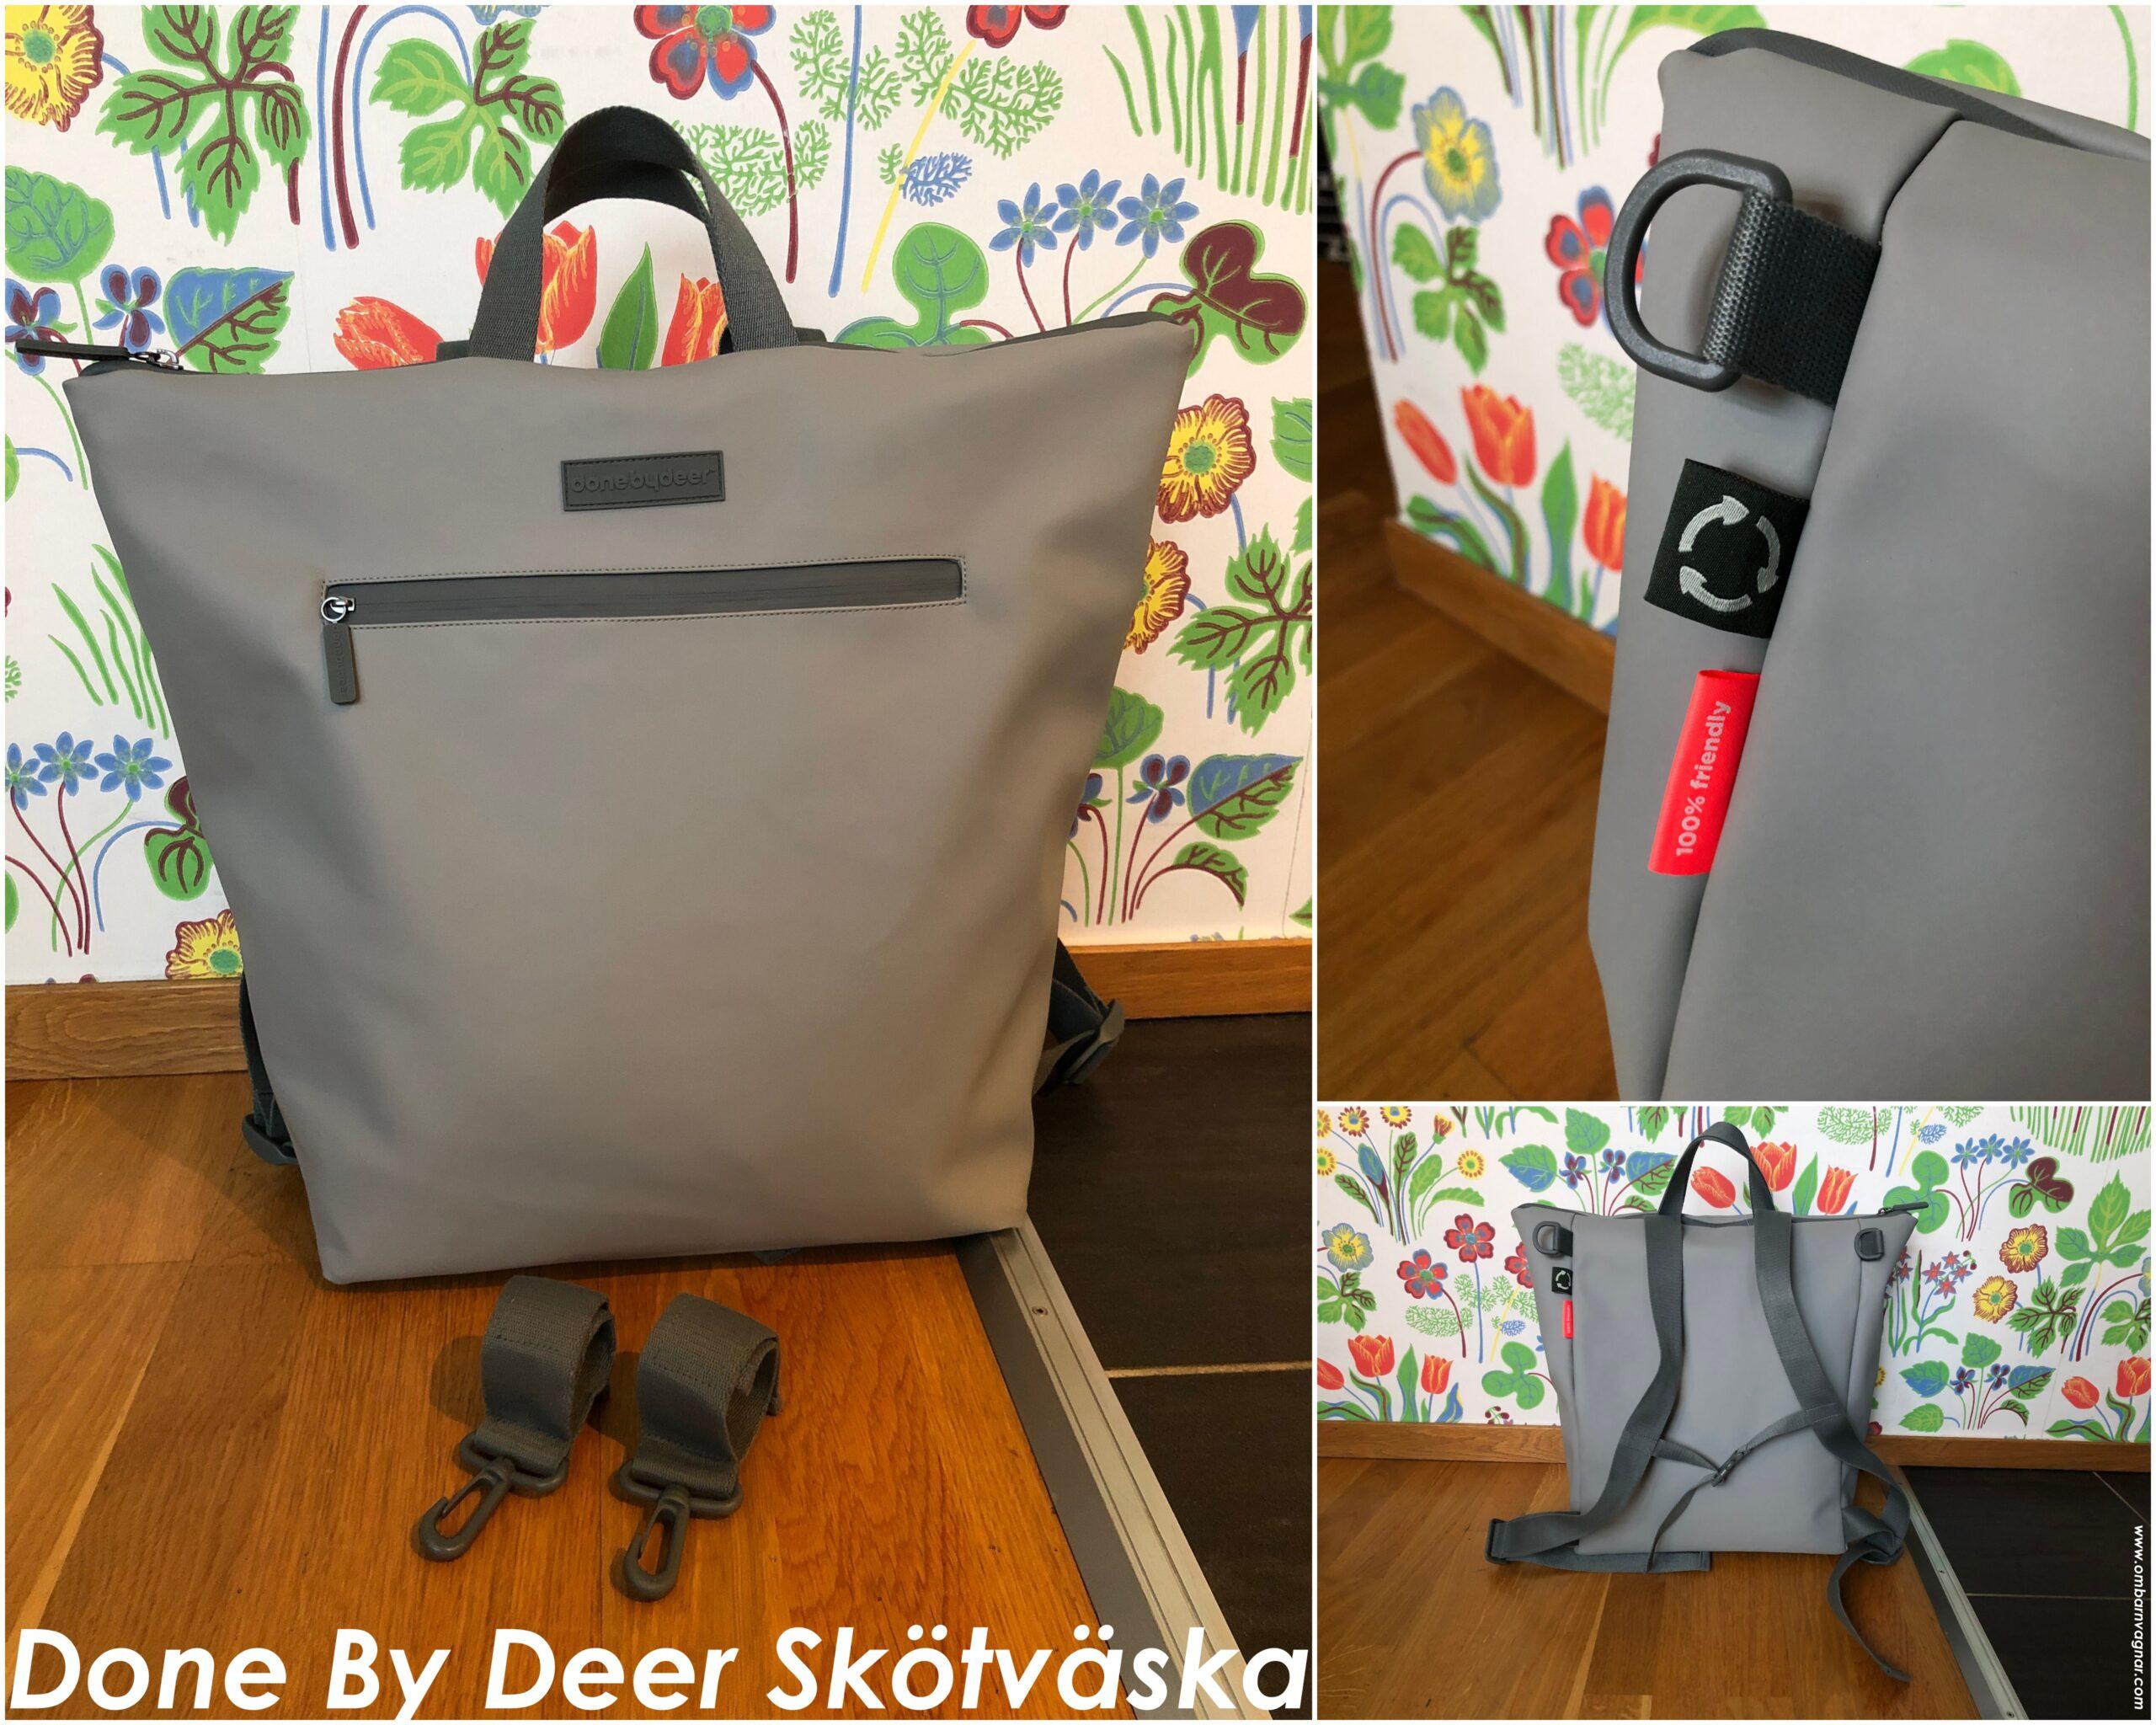 Recension av Done By Deer Skötväska med ryggsäcksfunktion, tillverkad av återvunna material